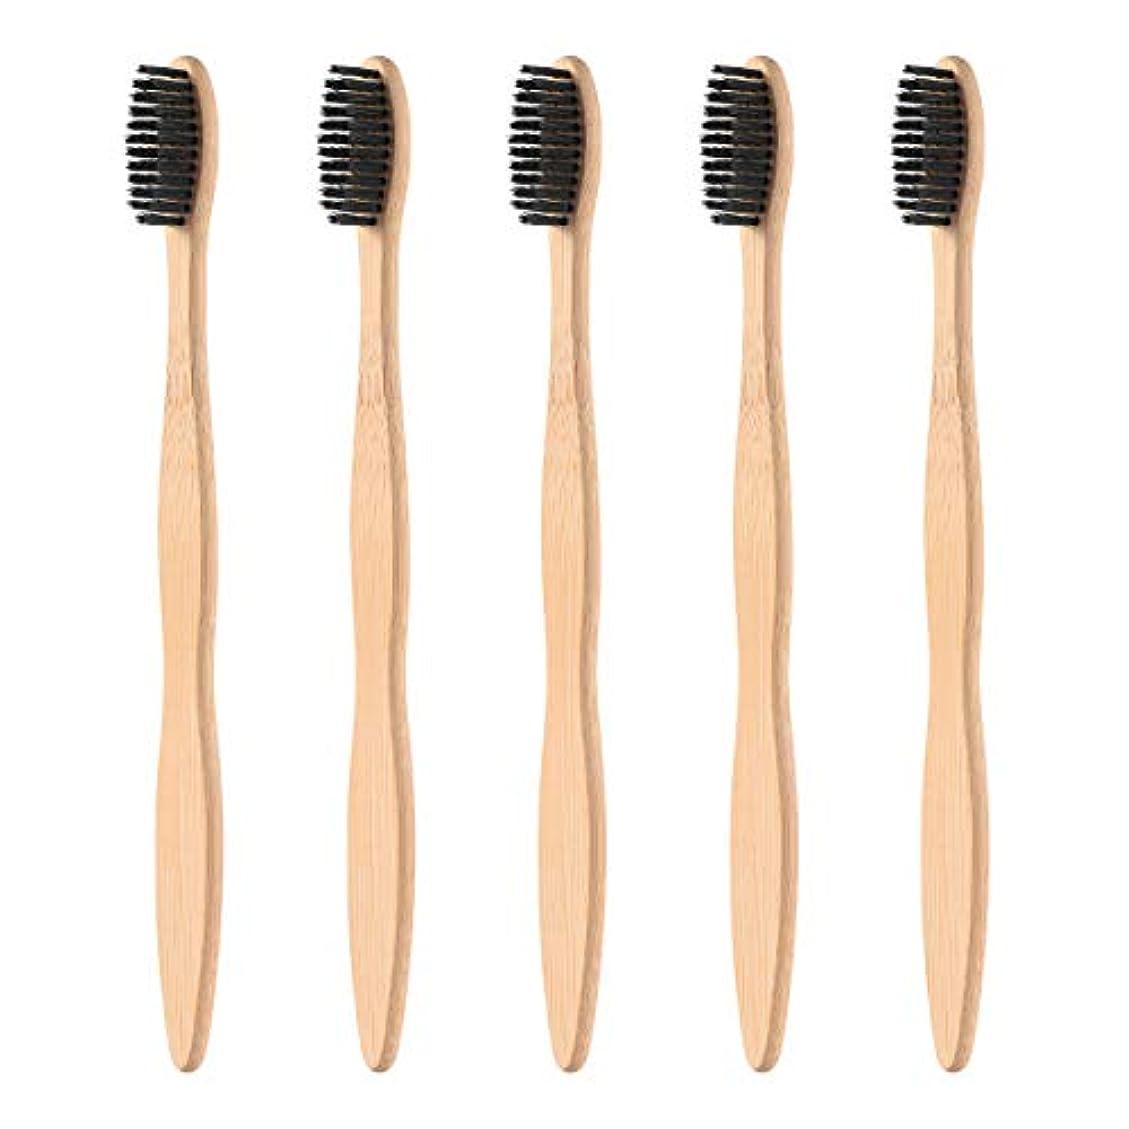 ゼリー以来柔らかいHealifty タケ環境的に歯ブラシ5pcsは柔らかい黒い剛毛が付いている自然な木のEcoの友好的な歯ブラシを扱います